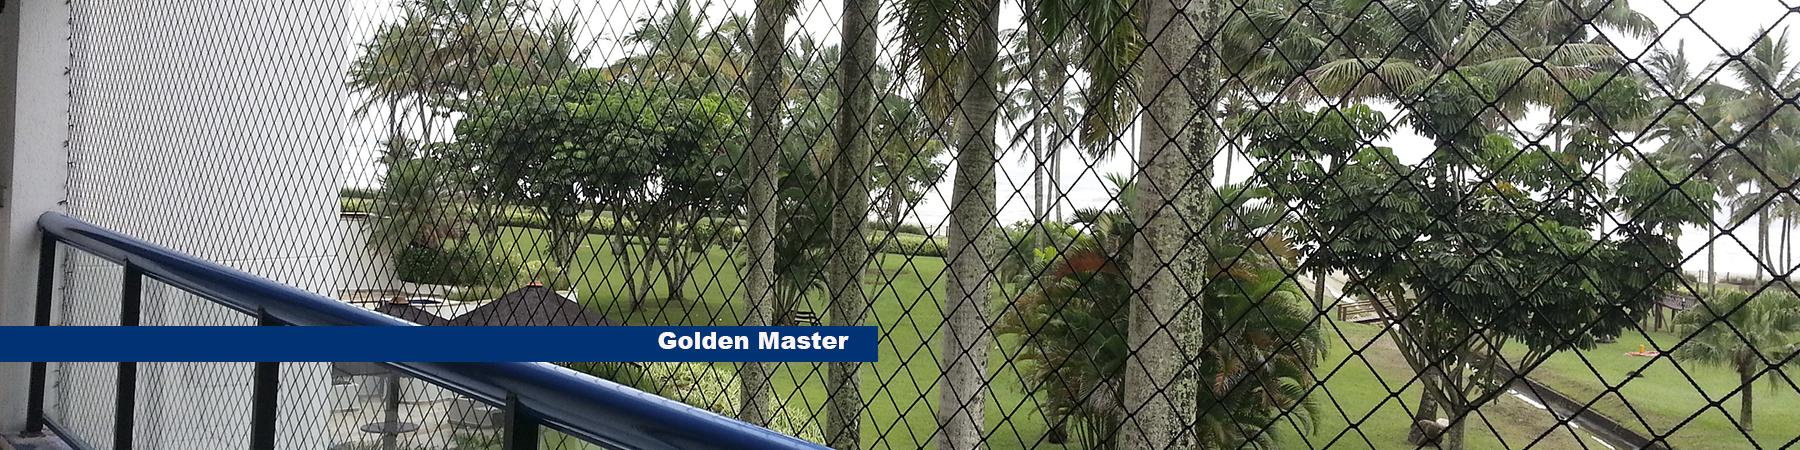 golden-master